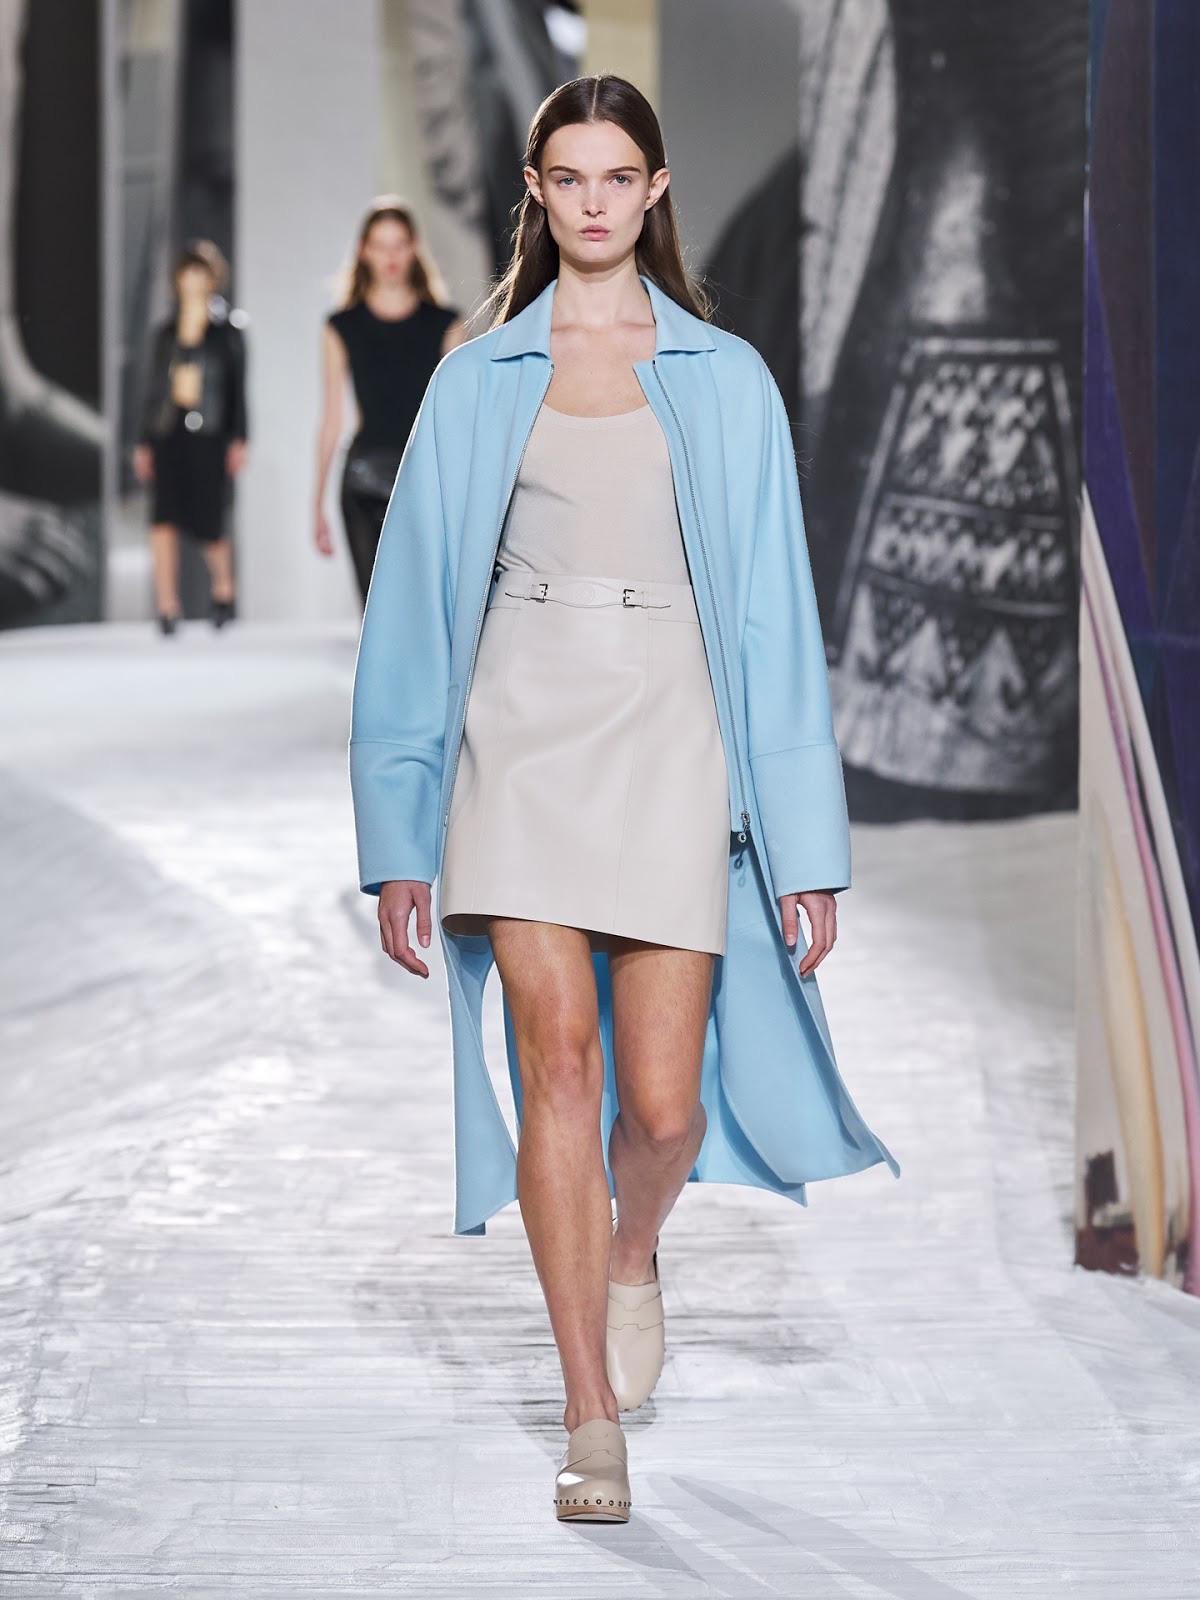 Hermès Xuân - Hè 2021: Bộ sưu tập chắp vá và giấc mơ xa xỉ bình dị của Nadège Vanhee-Cybulski - Ảnh 5.